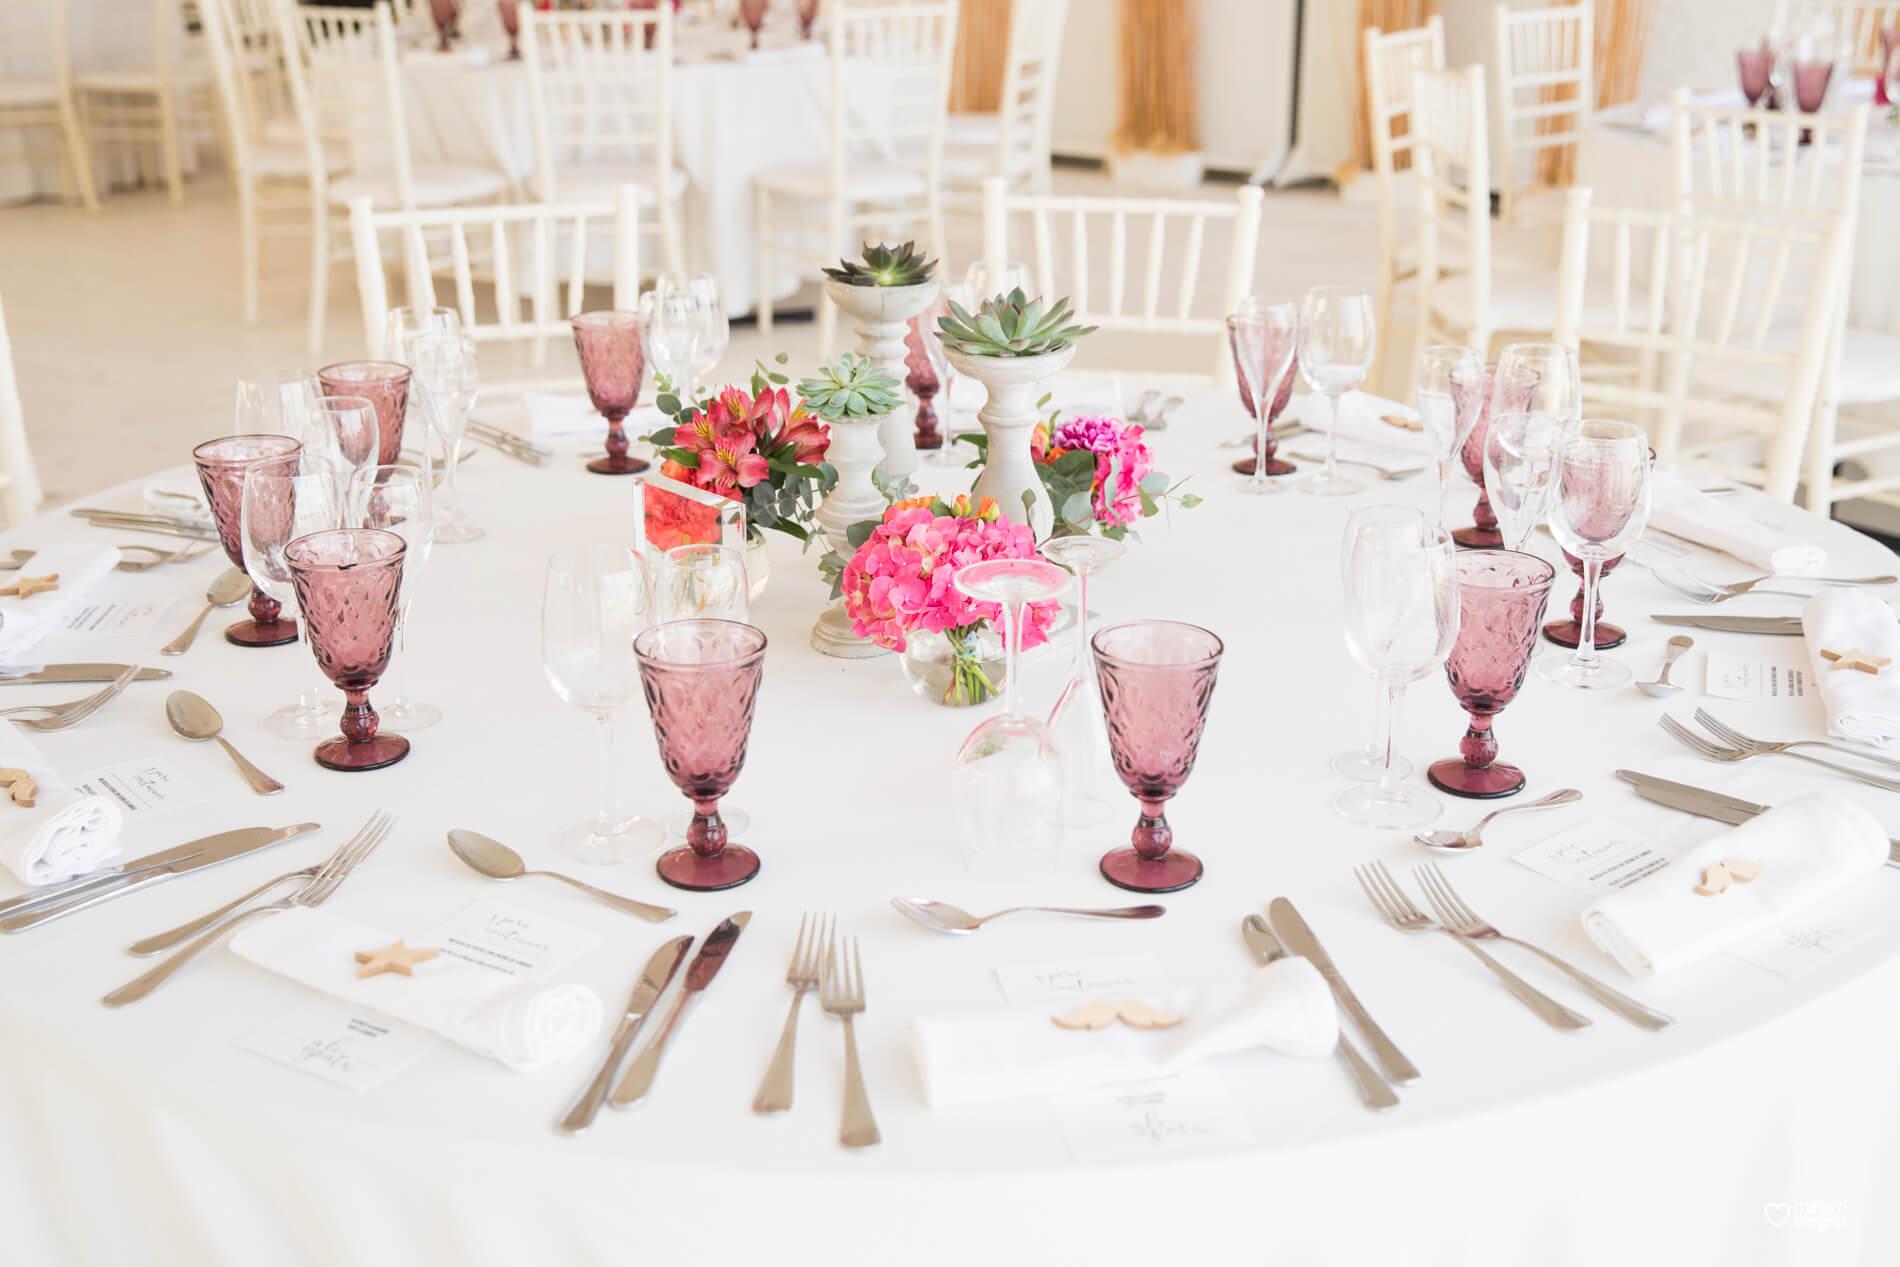 boda-en-finca-villa-vera-de-alemc7-miriam-alegria-fotografos-boda-murcia-125